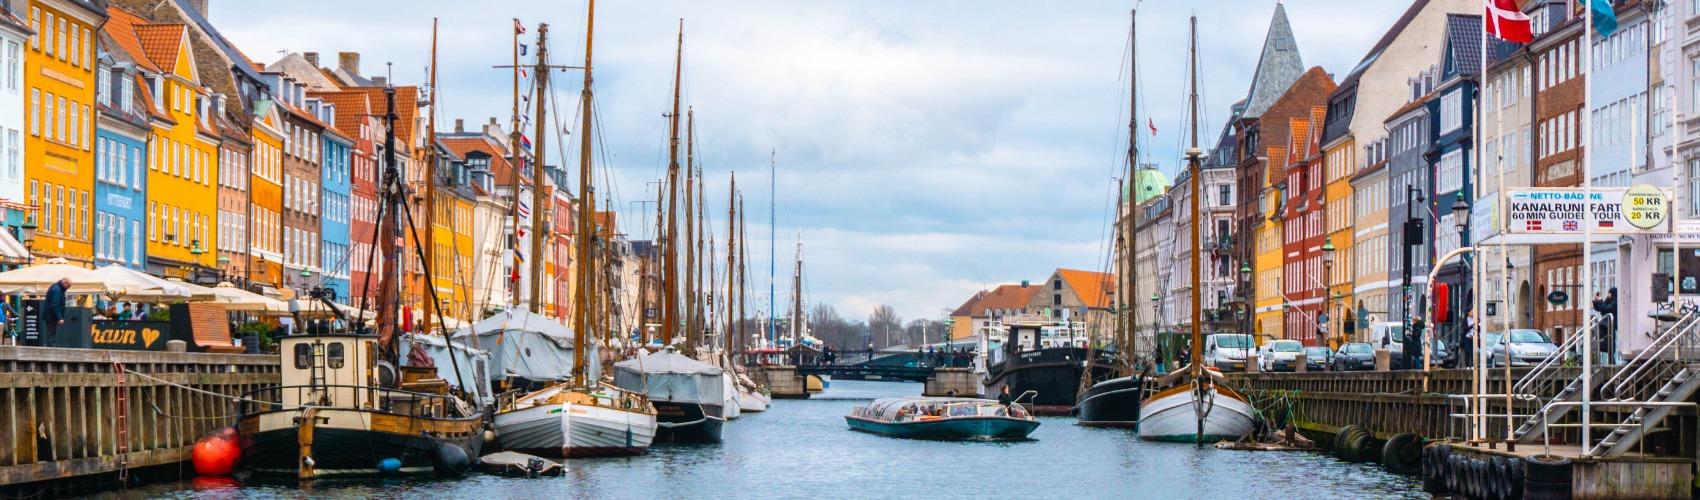 デンマークの画像